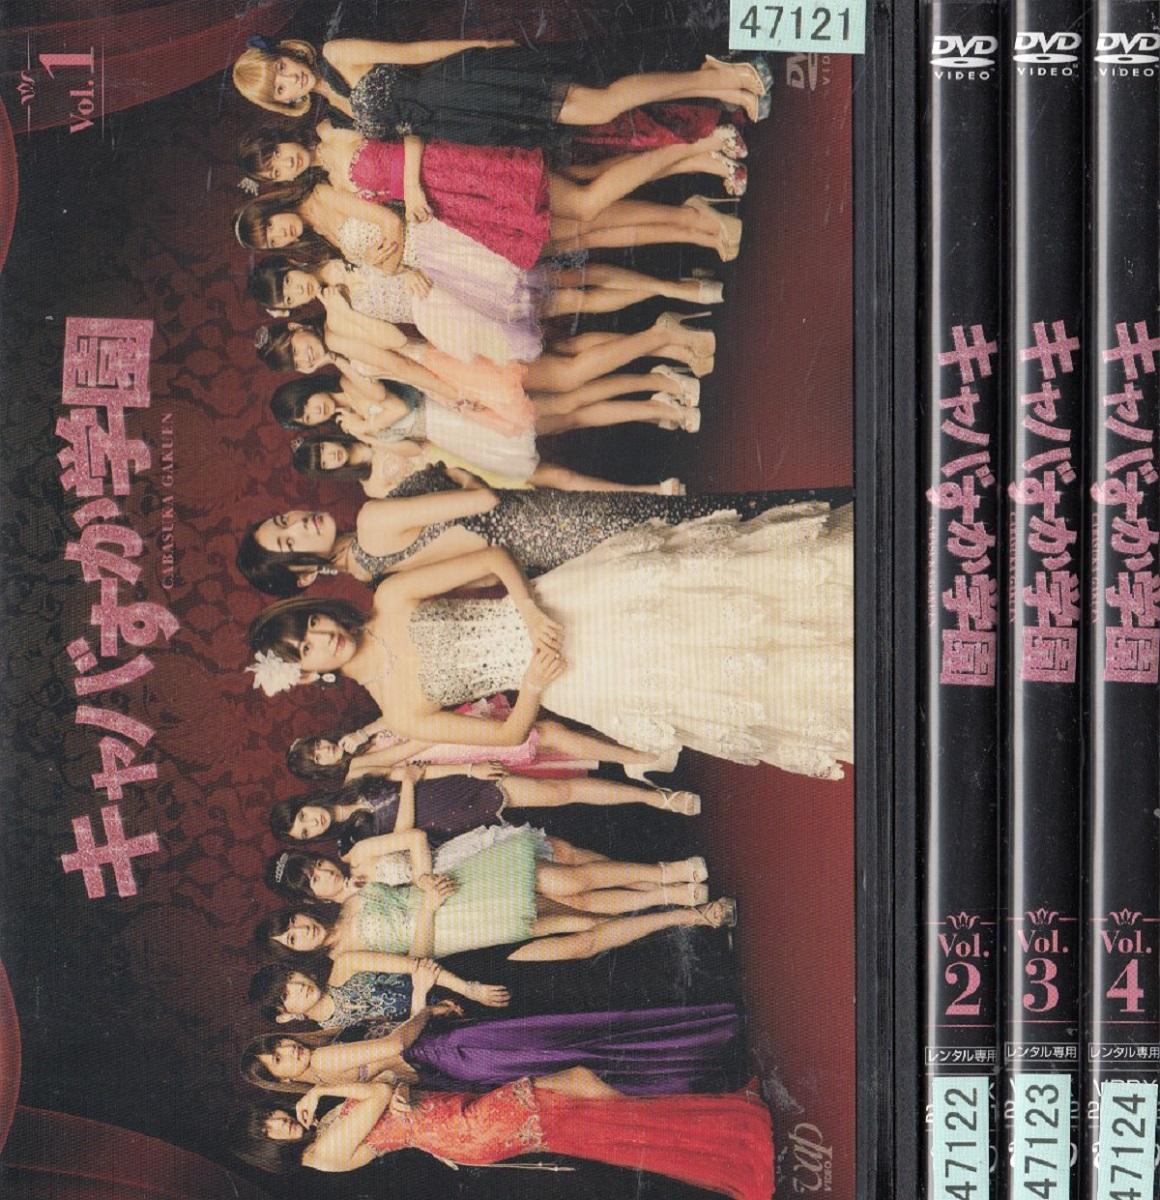 キャバすか学園 全4巻セット AKB48【中古DVD/レンタル落ち/送料無料】